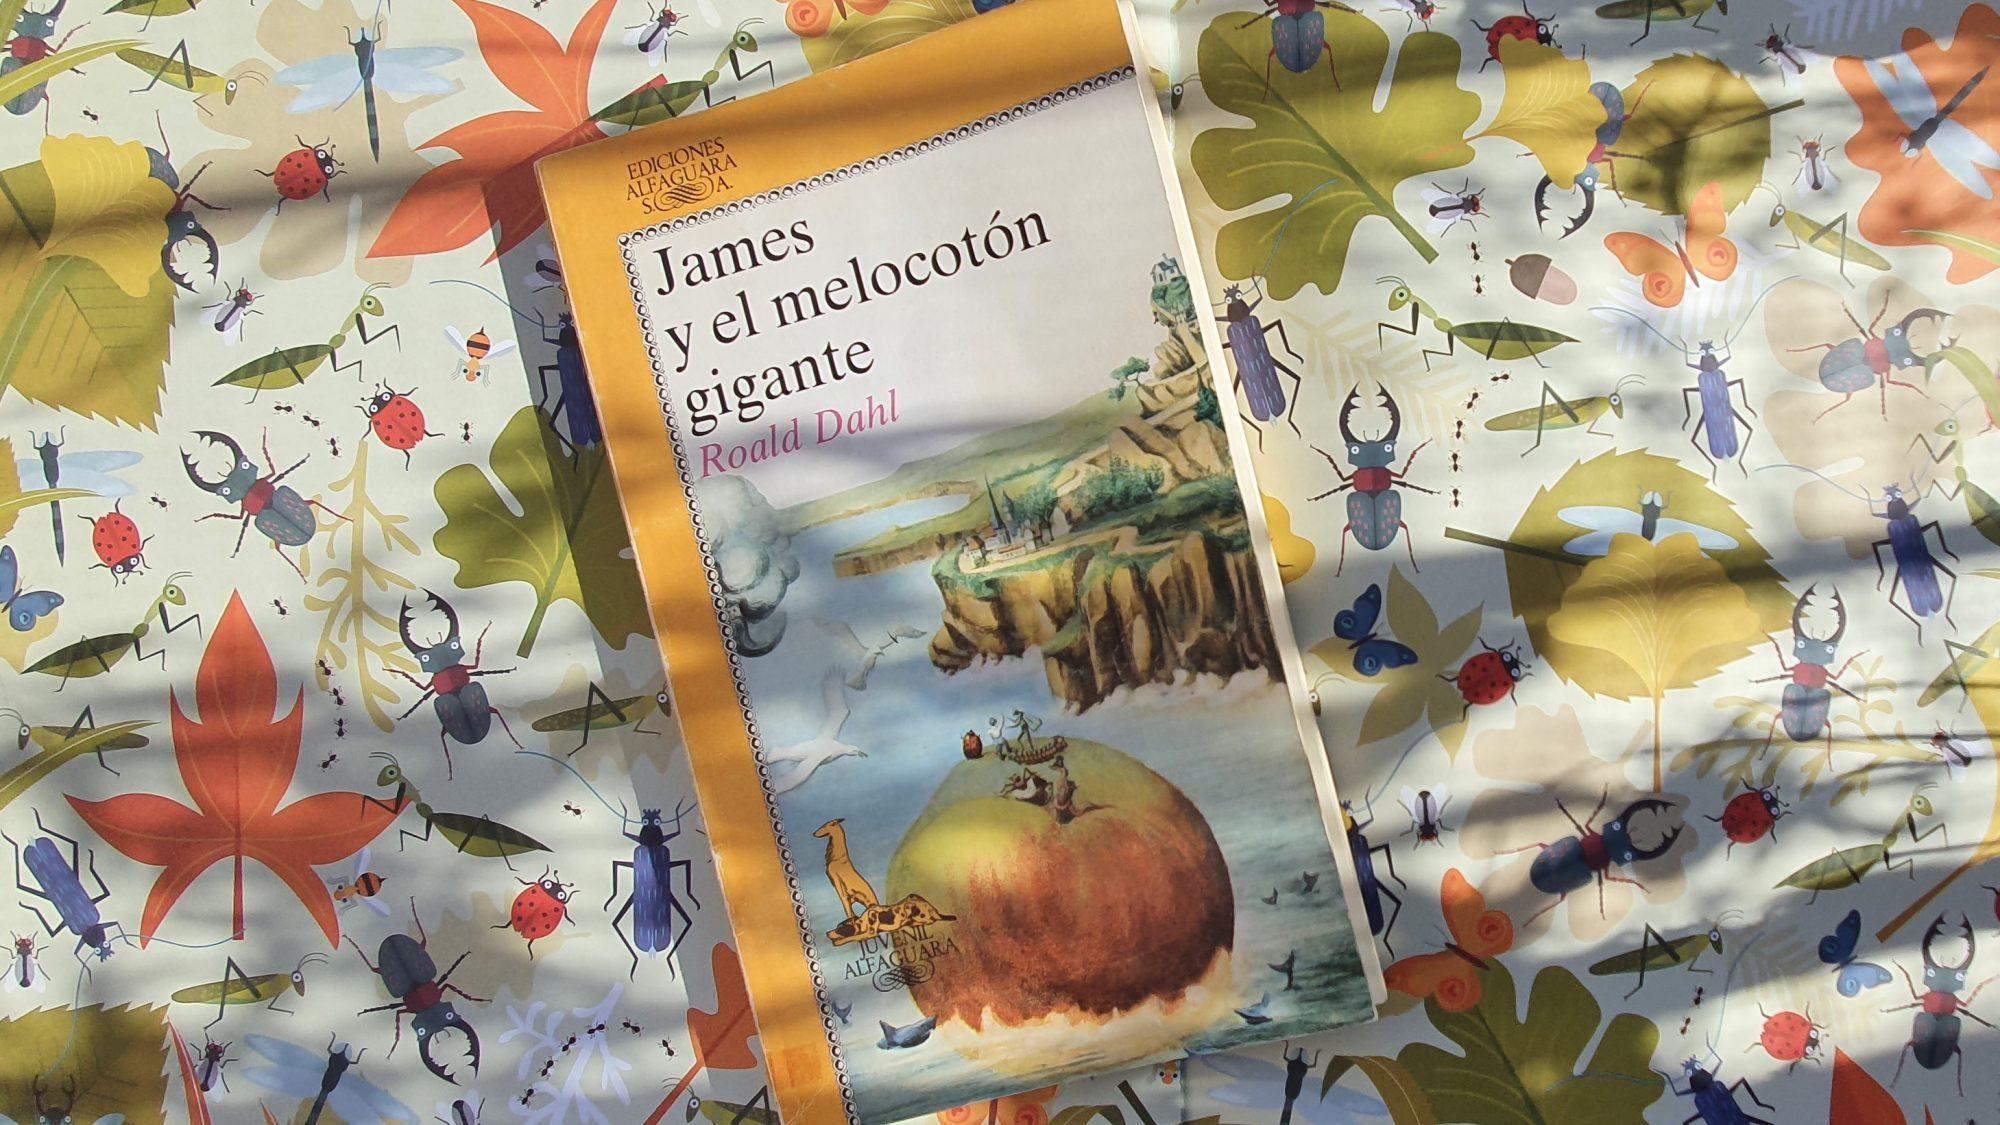 James y el melocotón gigante - Telar de libros - reseñas de libros y películas